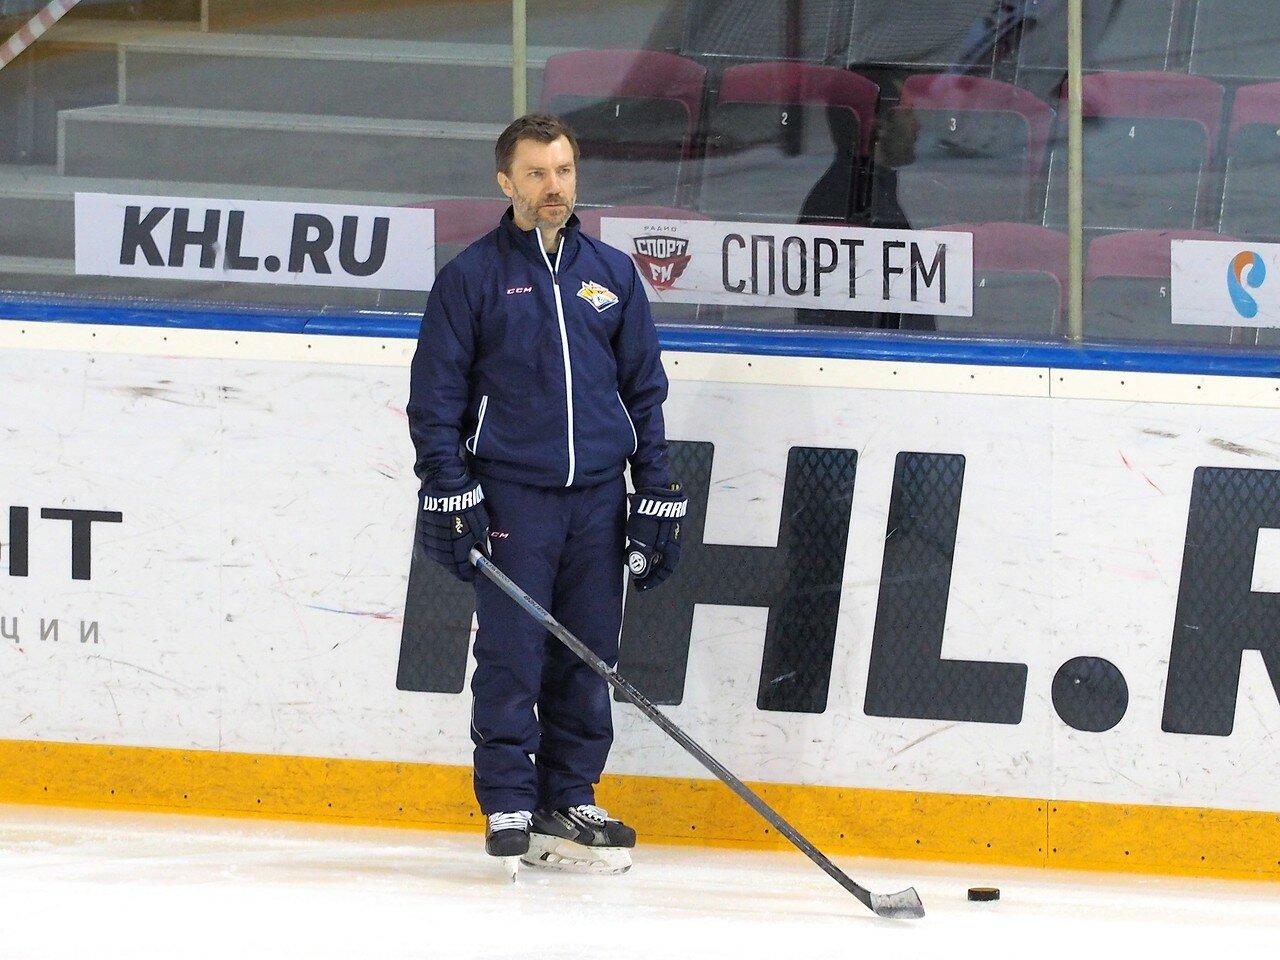 14 Открытая тренировка перед финалом плей-офф восточной конференции КХЛ 2017 22.03.2017